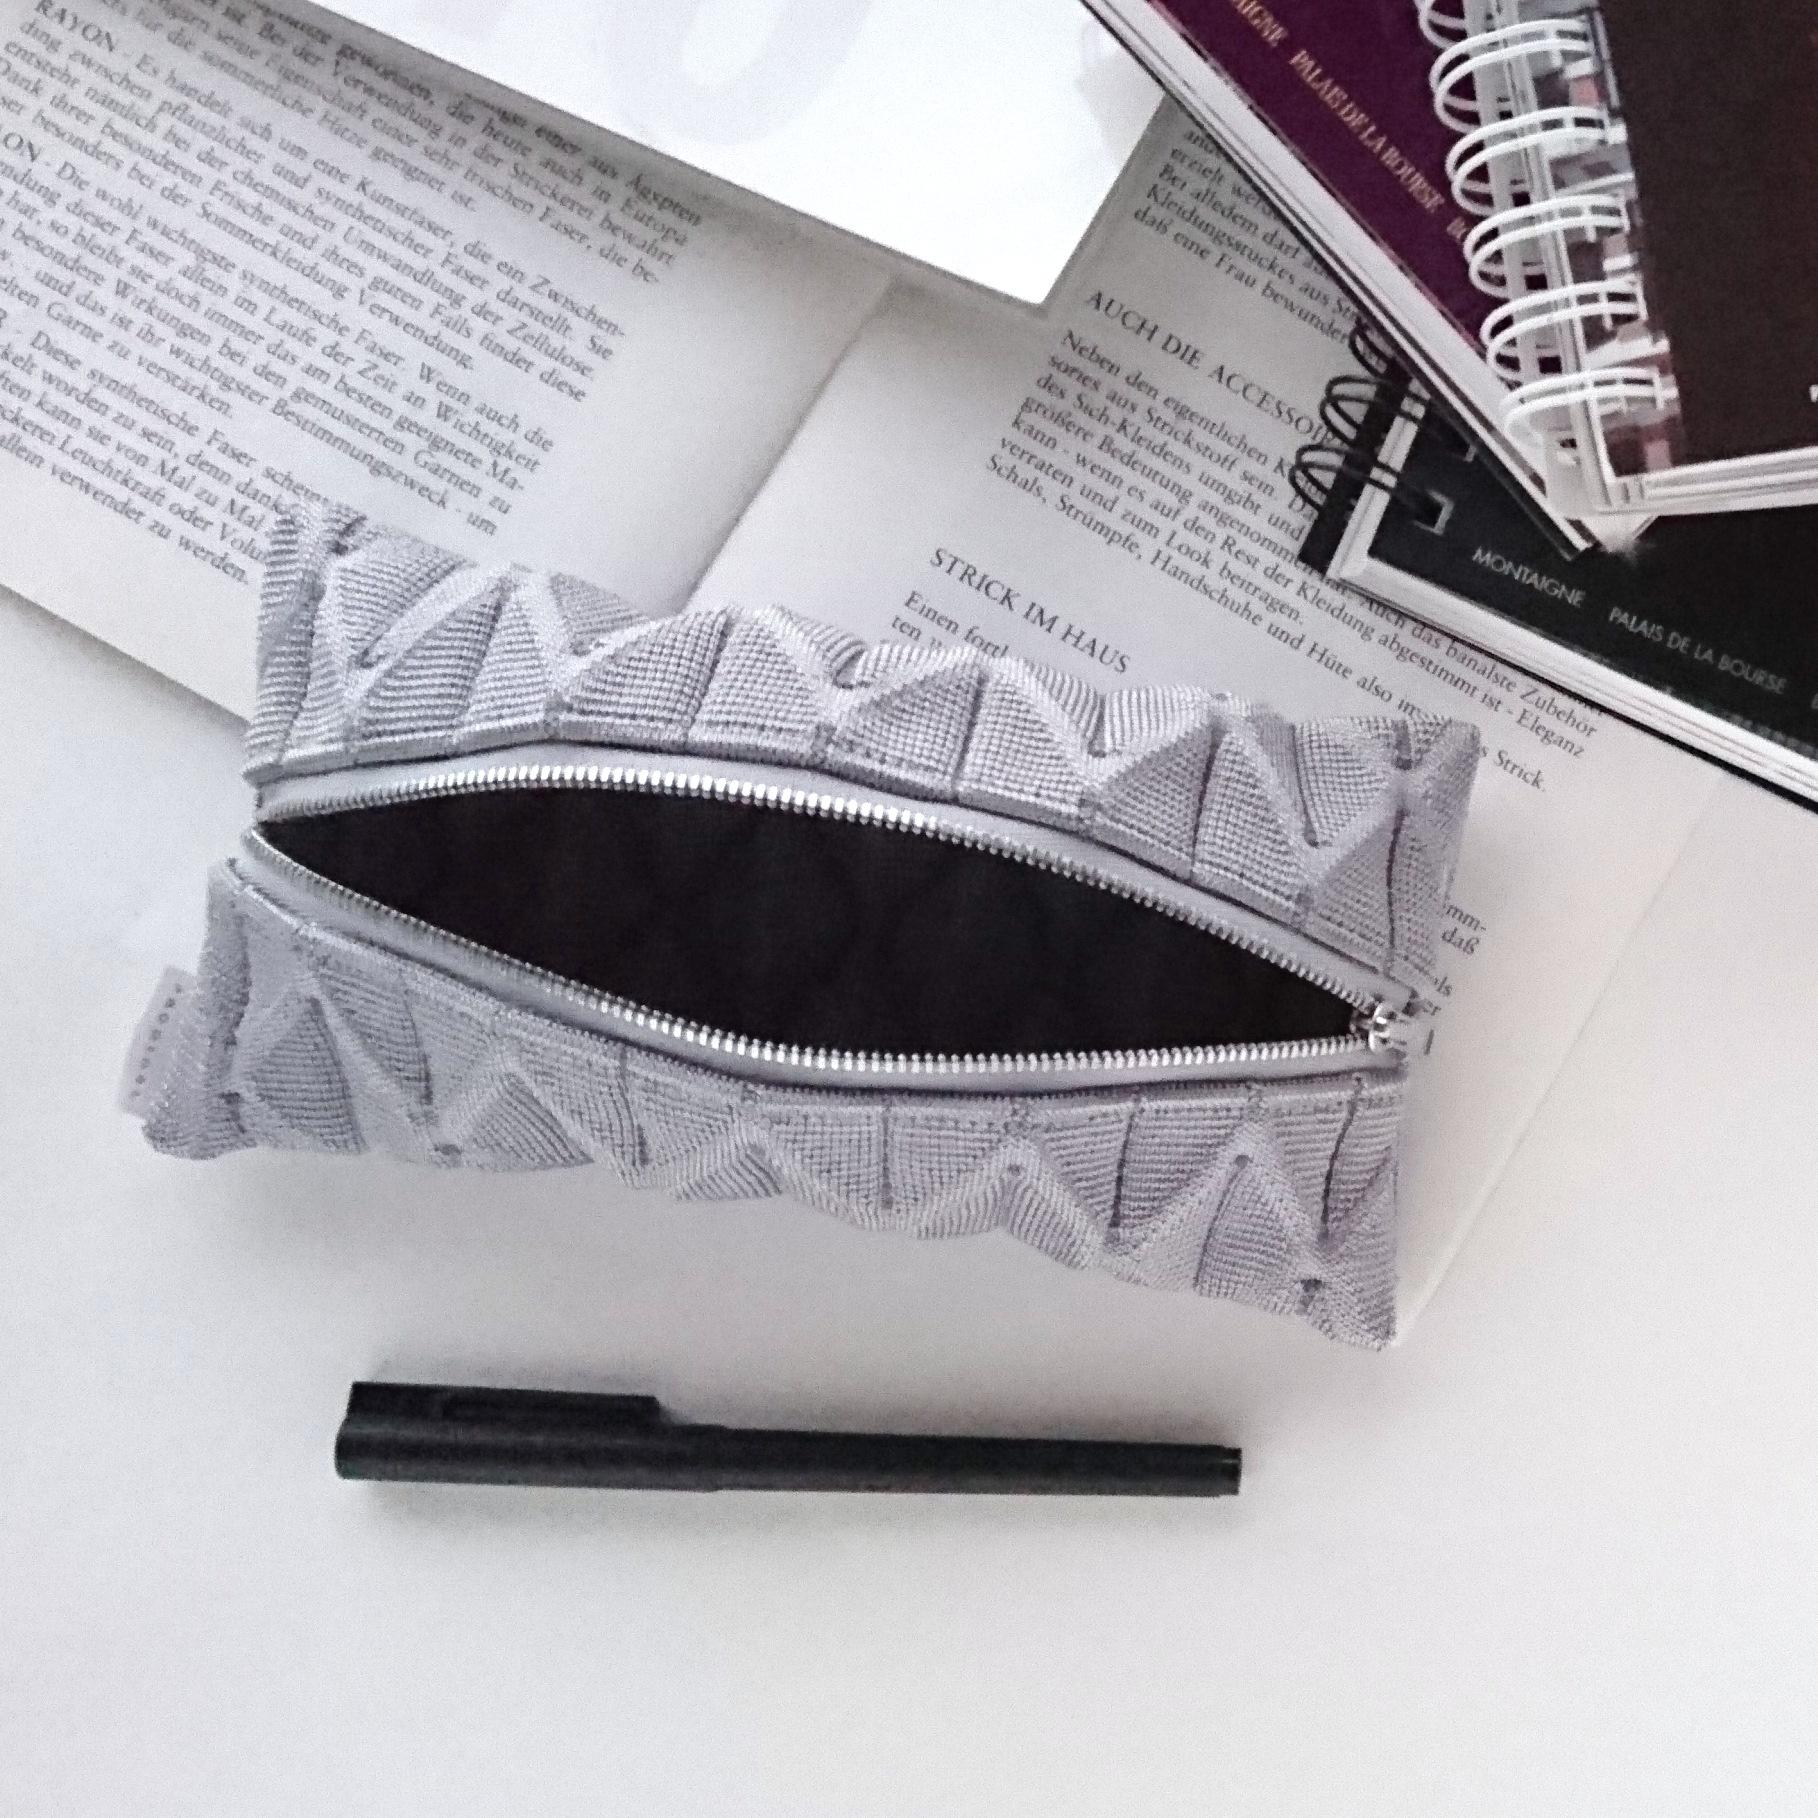 積まれた本、書きかけのノート、転がったペン。日常の何気ないワンシーンがまるでアート写真のように輝きだします